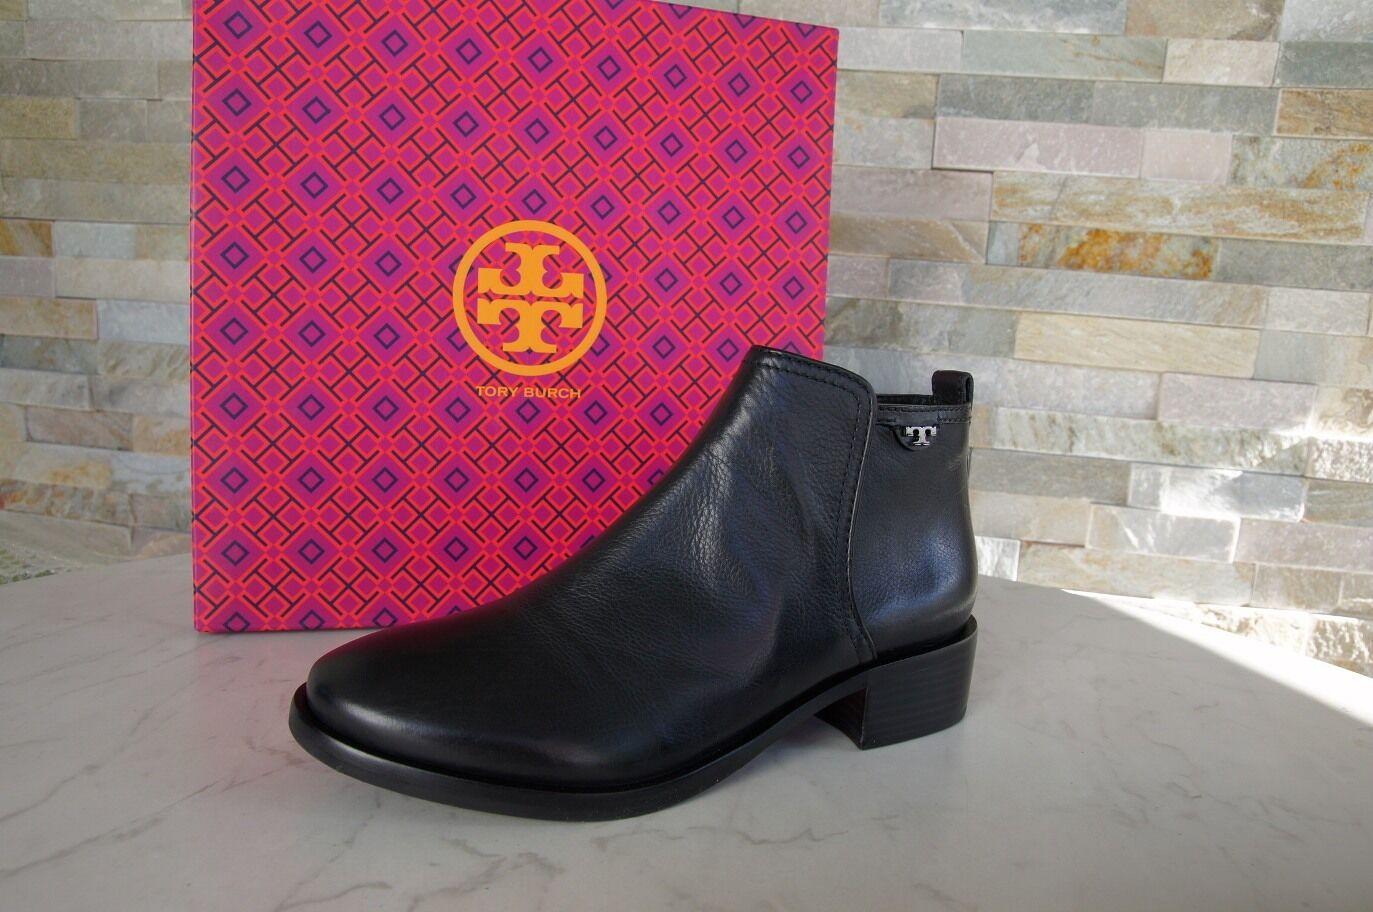 TORY BURCH Gr 38,5  8,5 Stiefeletten Schuhe schuhe 31148341 schwarz NEU